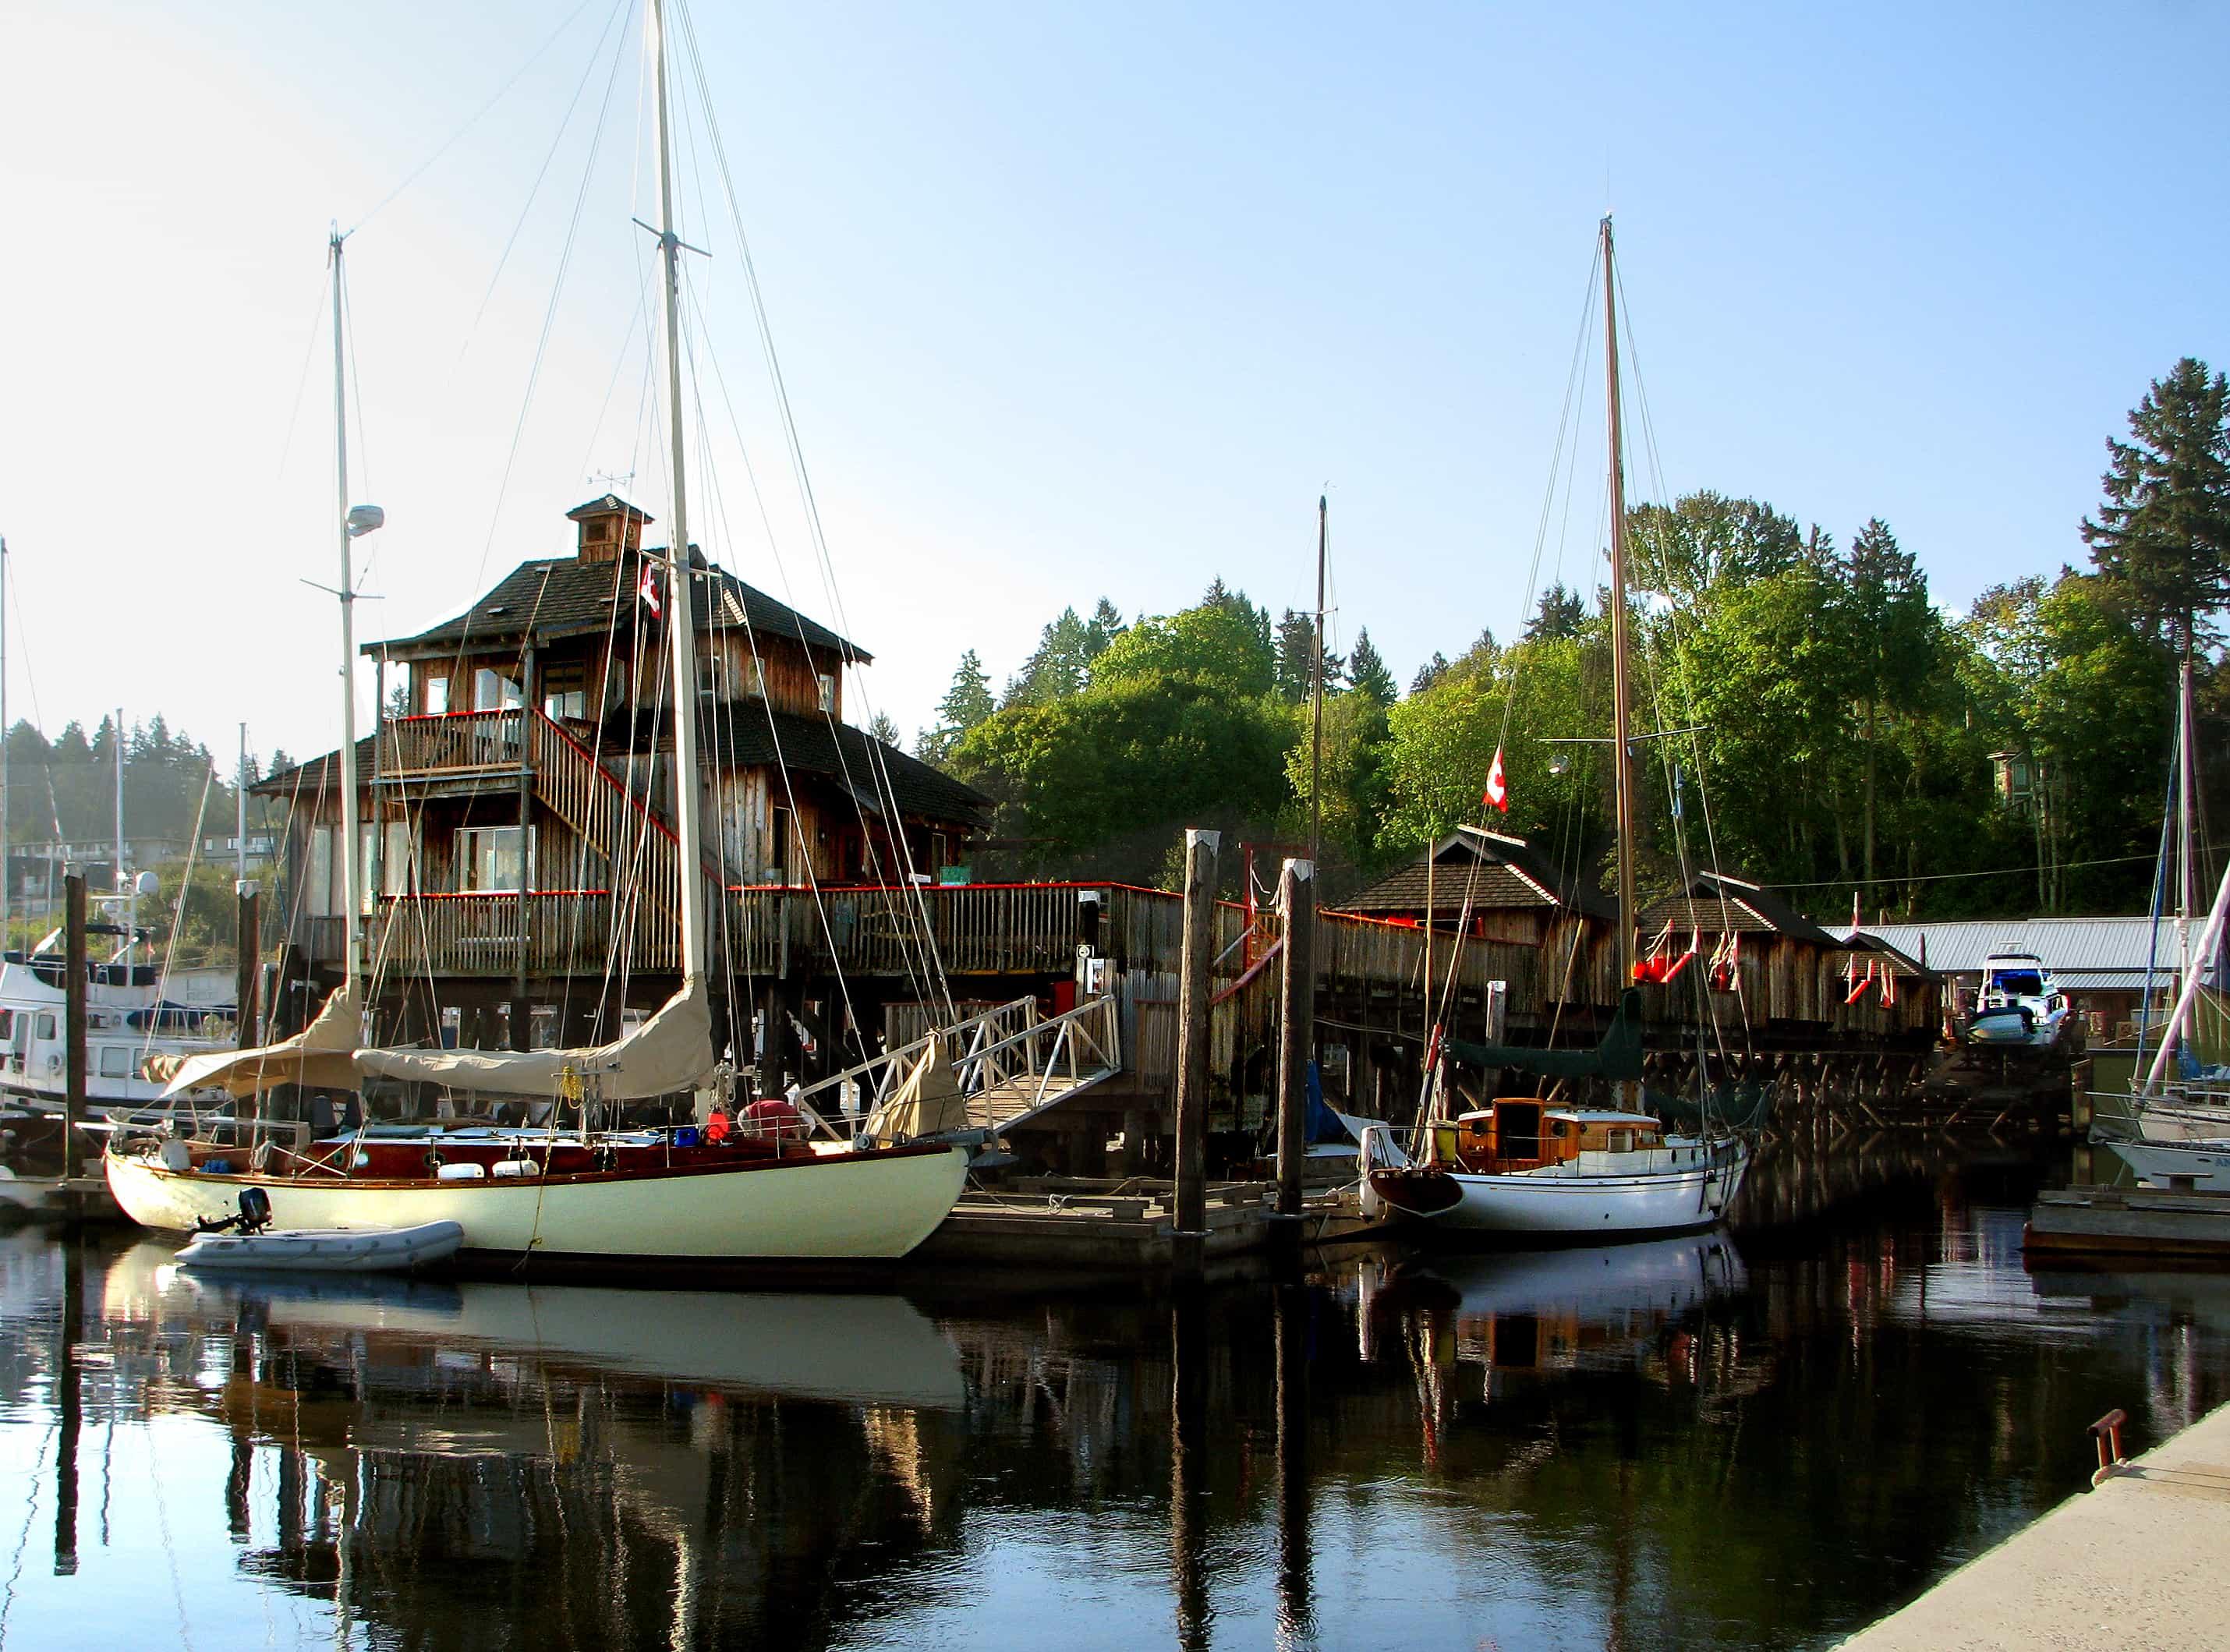 Cowichan Bay Maritime Museum